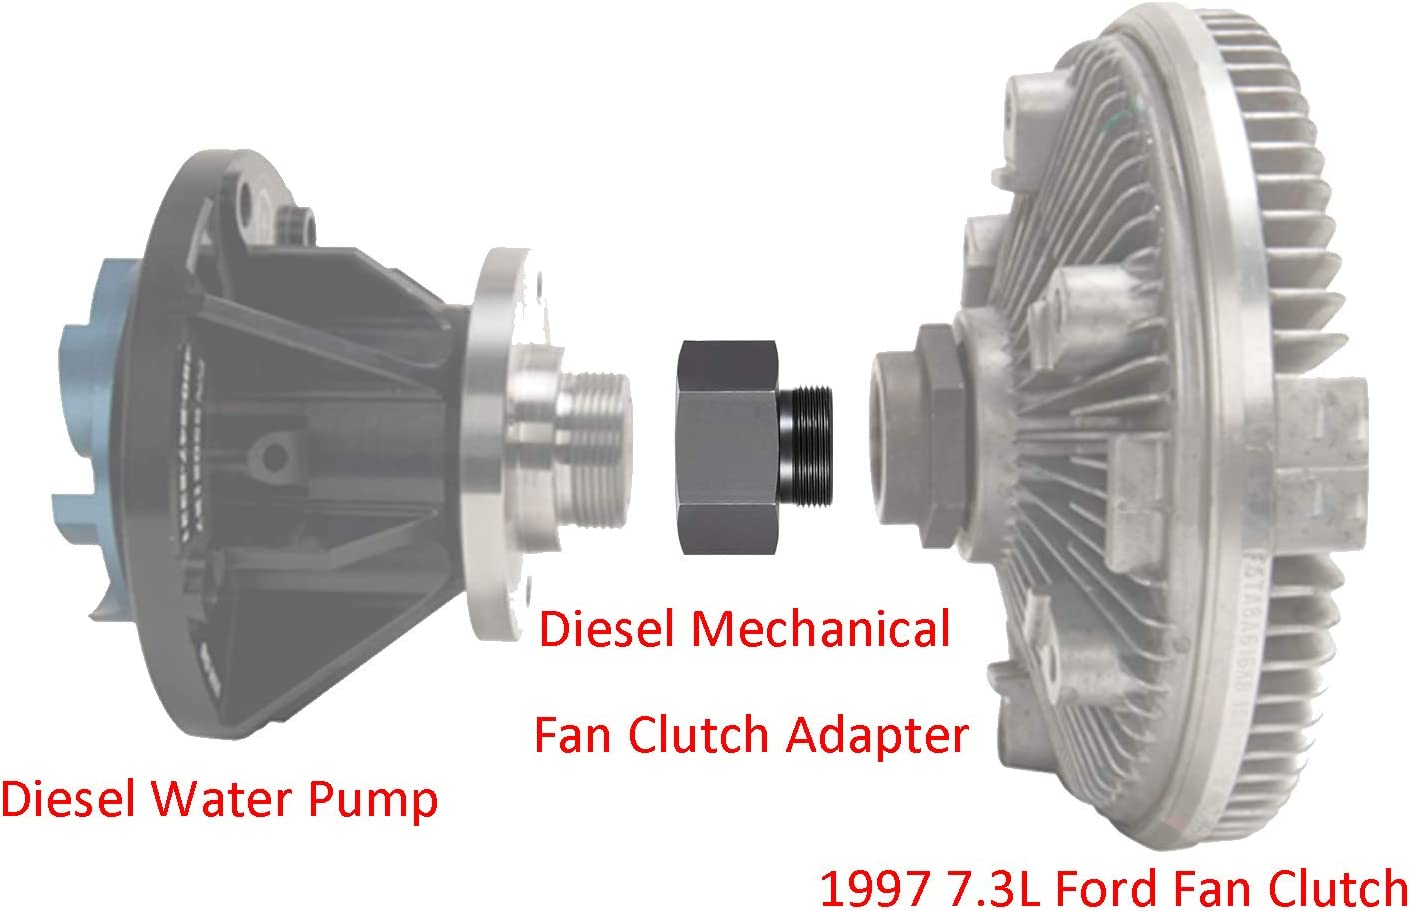 7.3L Powerstroke Diesel Engines 2003-2007 7.3L Diesel Mechanical Fan Clutch Adapter for Ford 6.0L 6.0L